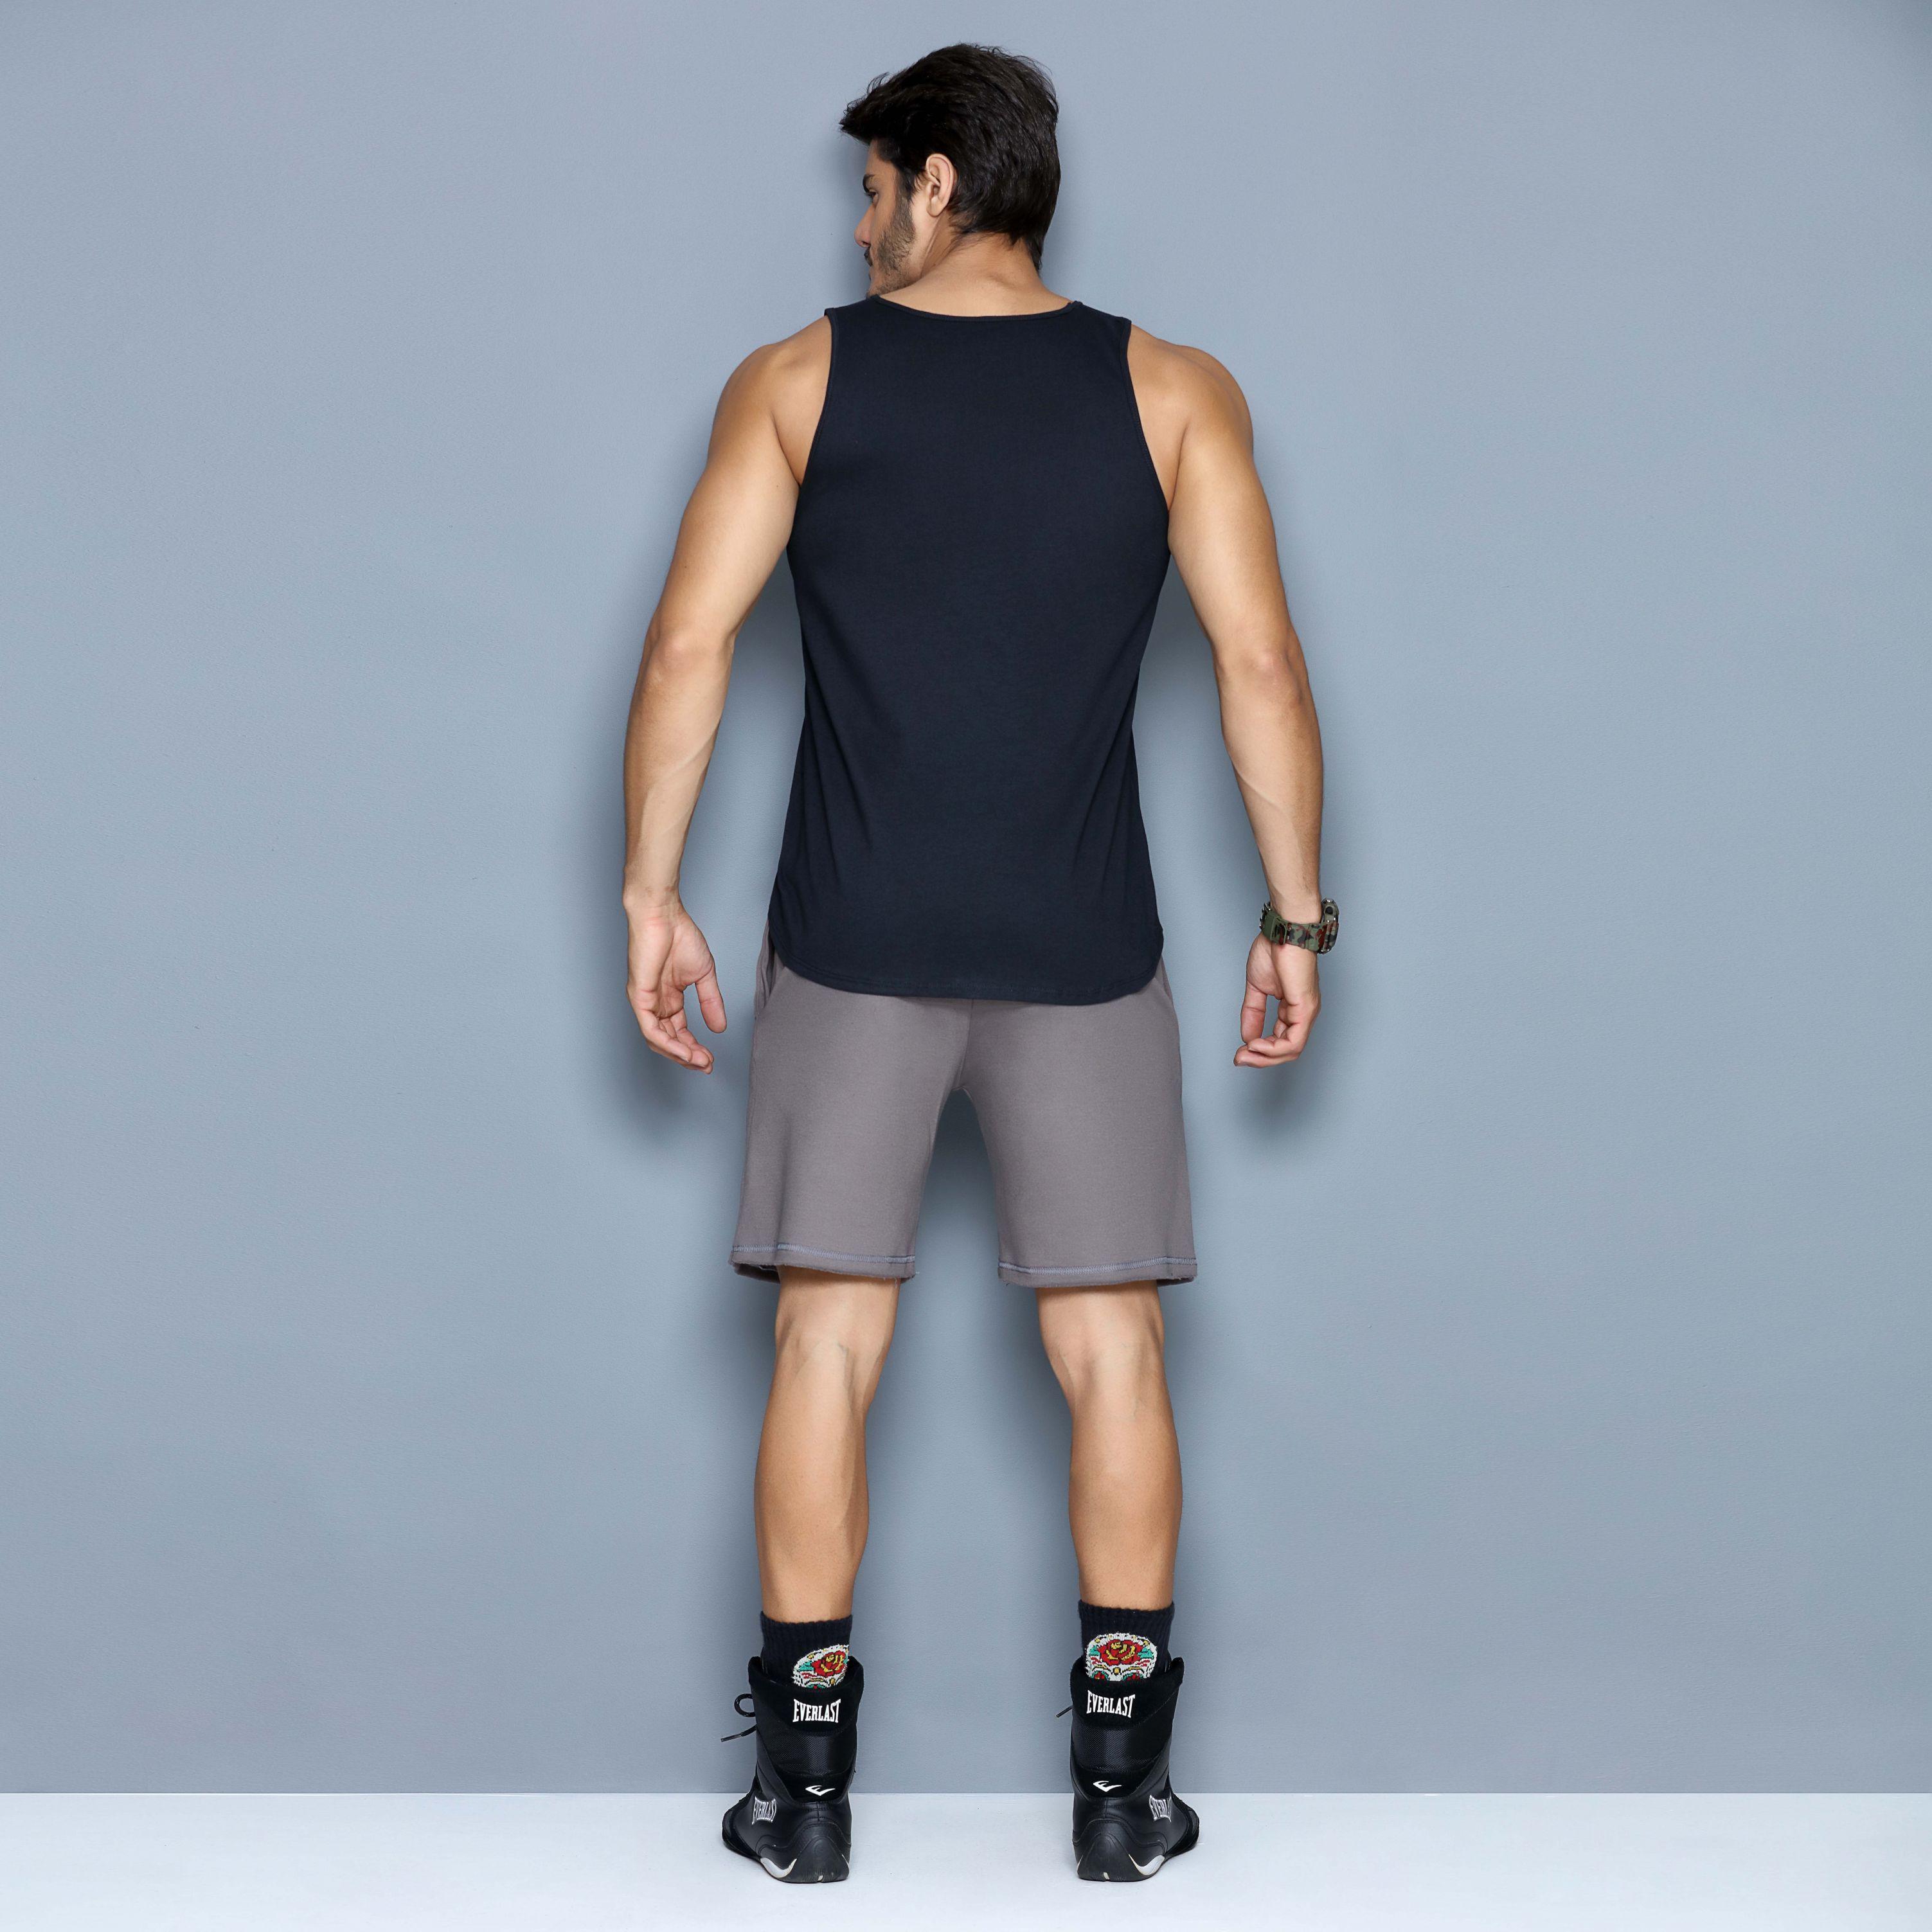 131689de63 Regata Masculina No Pain - Donna Carioca - Moda fitness com preço de ...